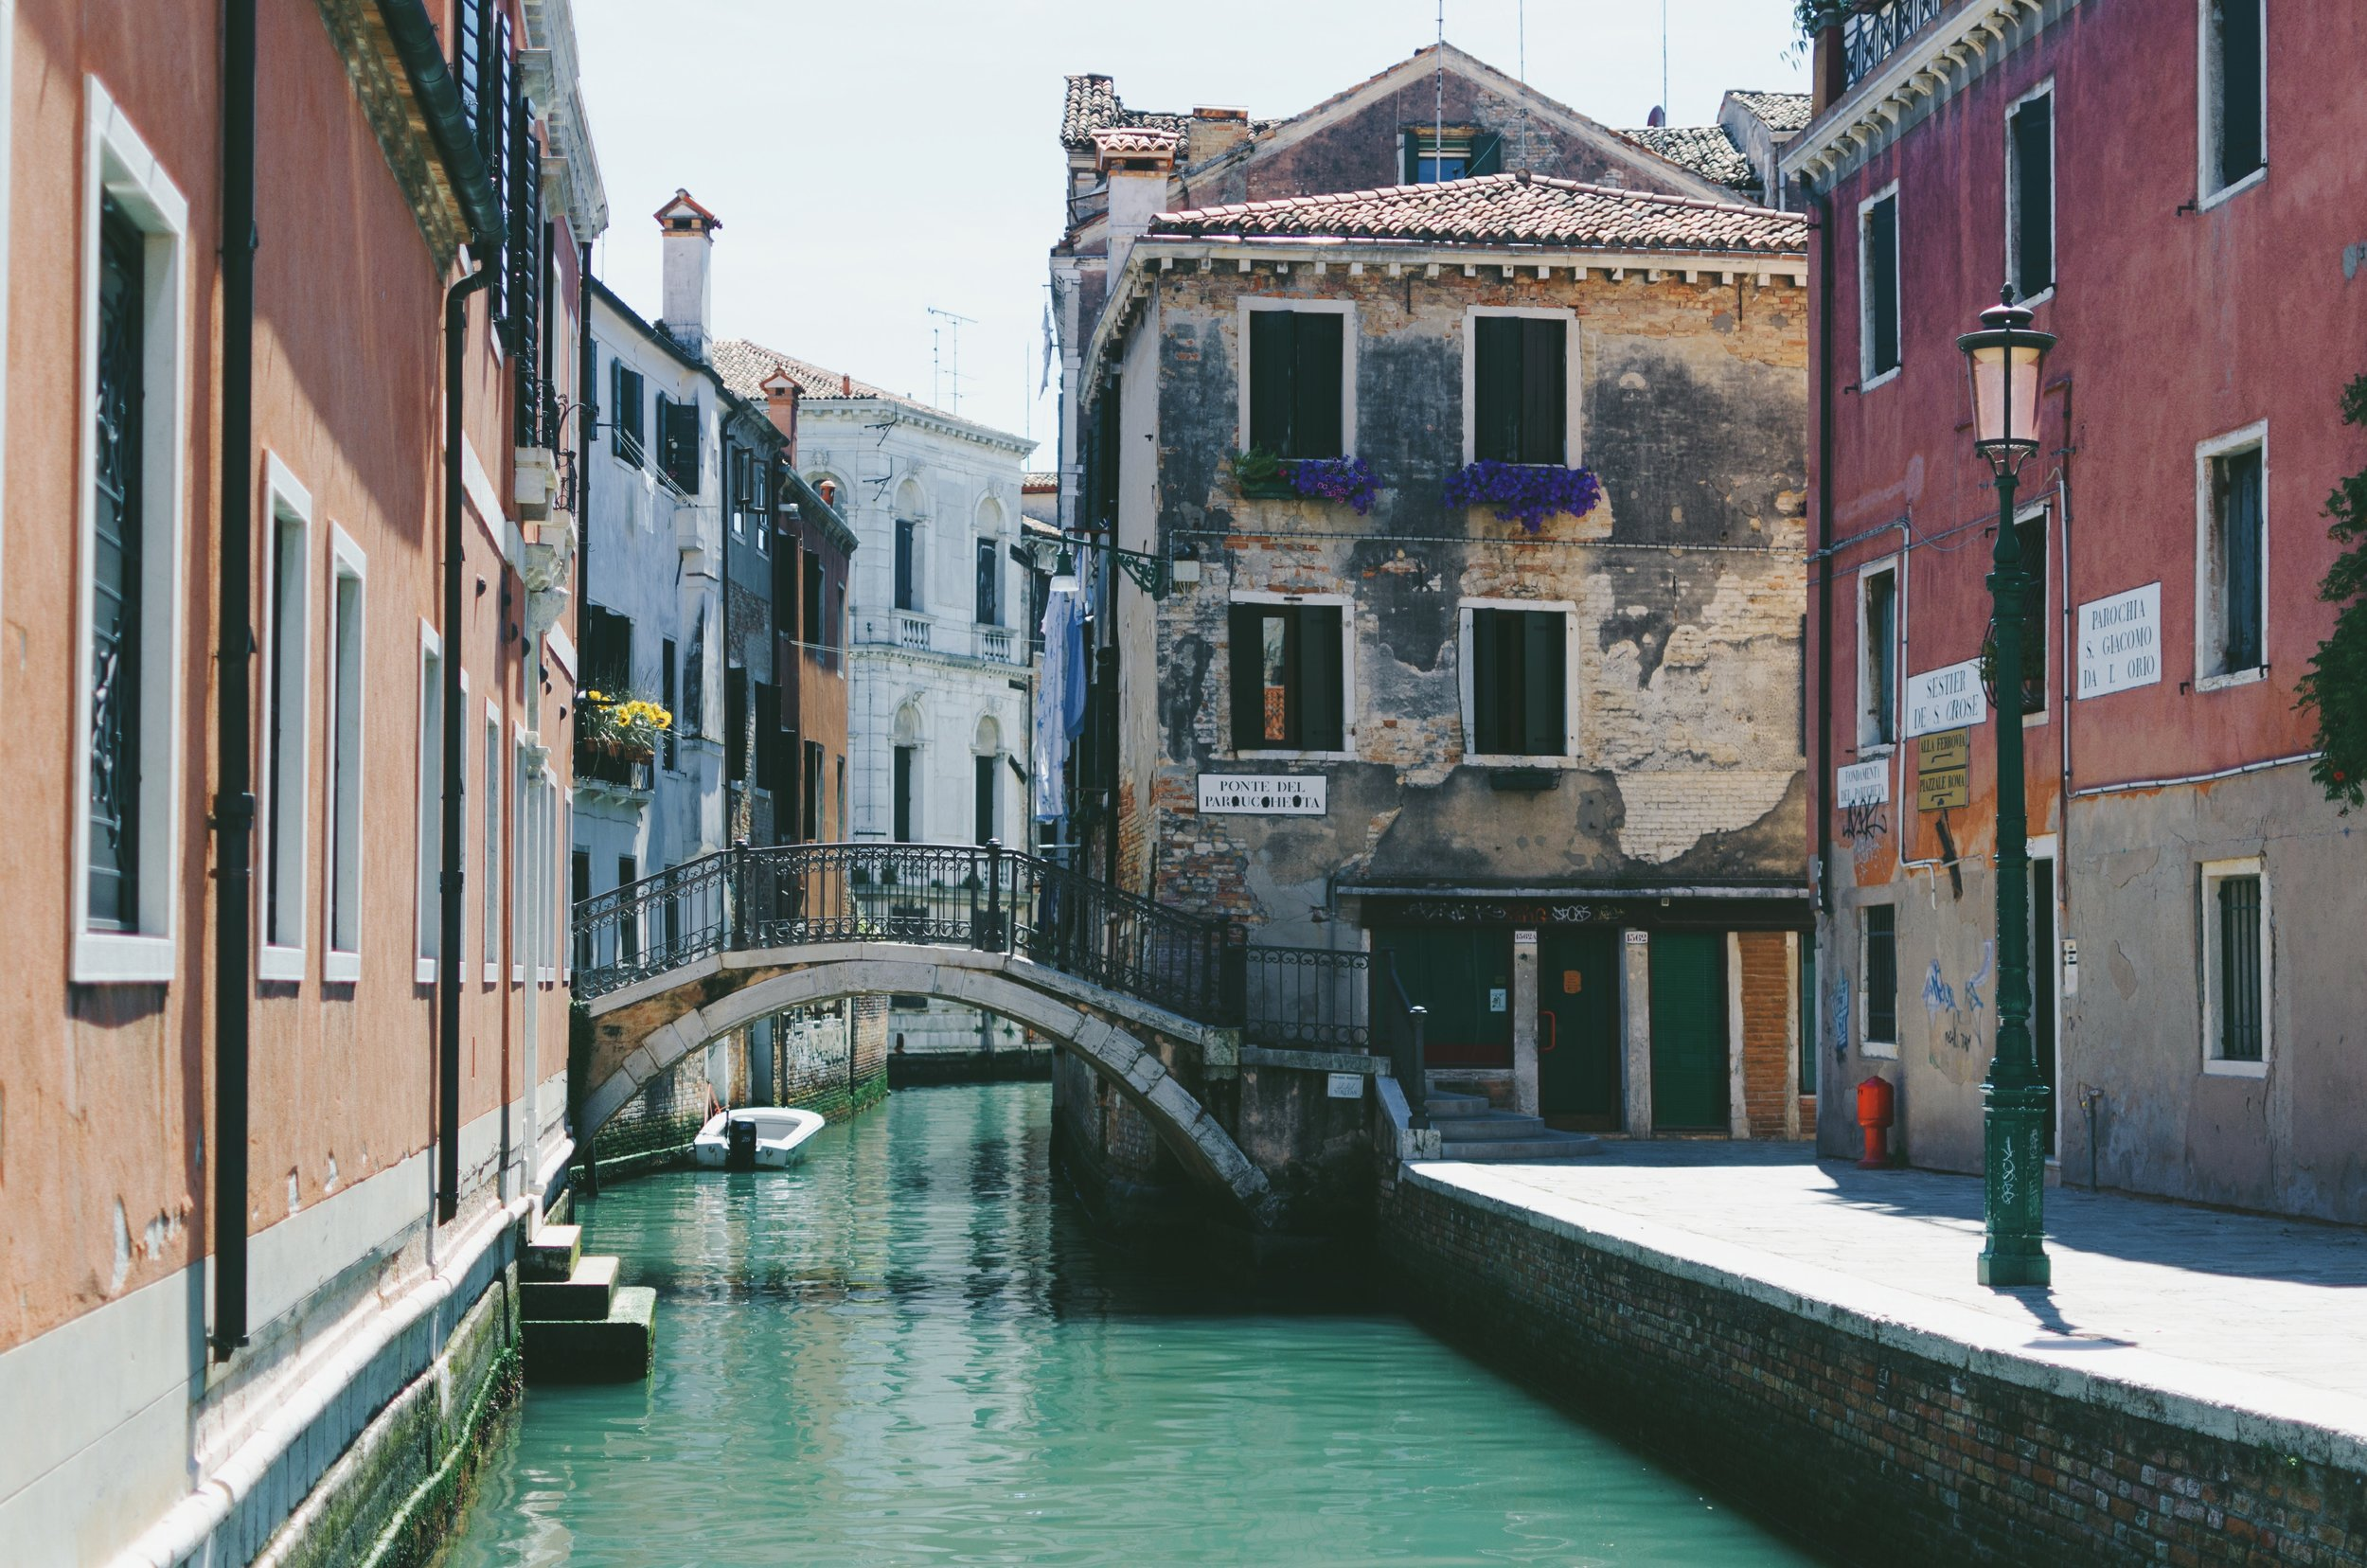 Lucas Marcomini - Venice